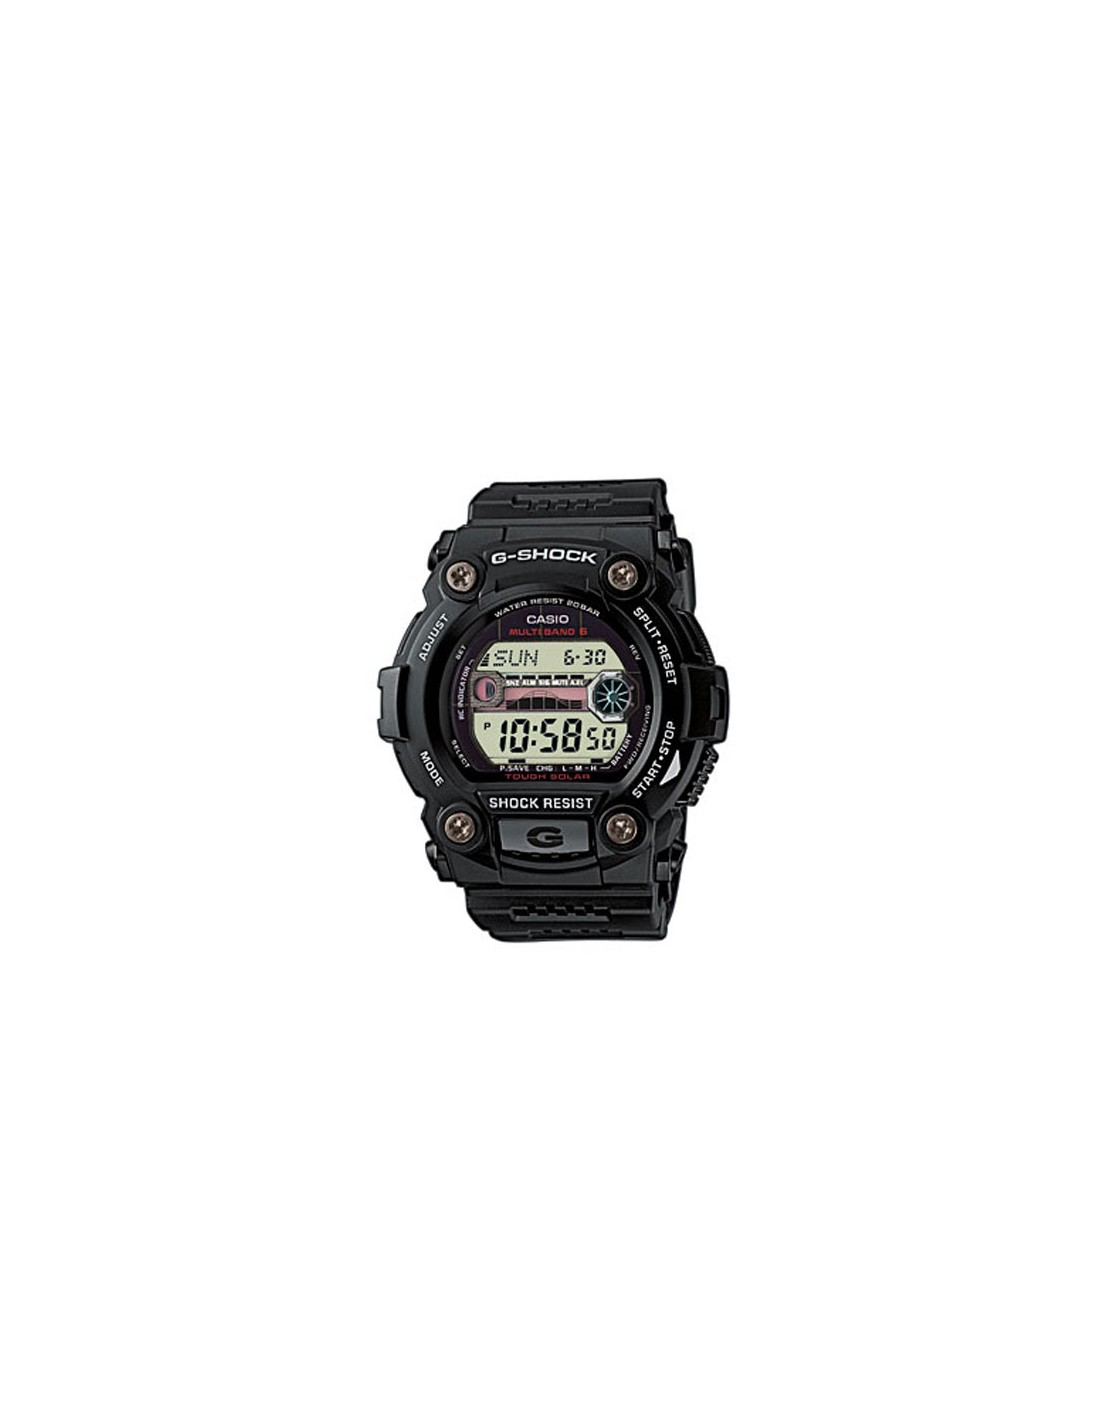 ebe31a8f815 Reloj Casio G-Shock GW-7900-1ER